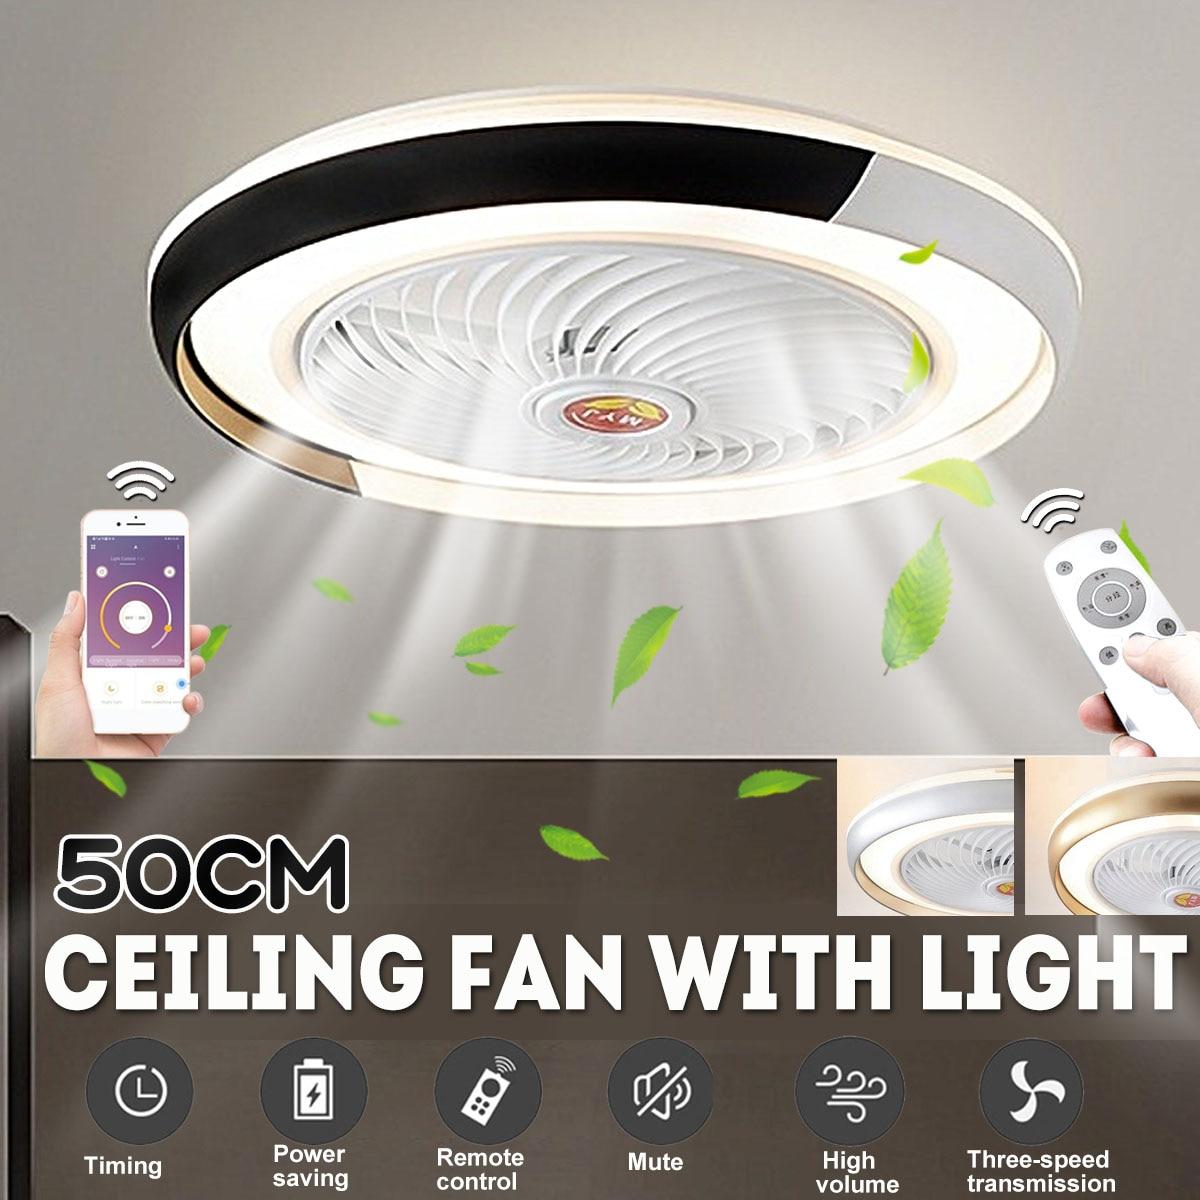 50 سنتيمتر مروحة سقف ذكي مع مصباح مروحة كهربائية غرفة نوم ديكور مصباح التهوية الذكية APP التحكم مع جهاز التحكم عن بعد